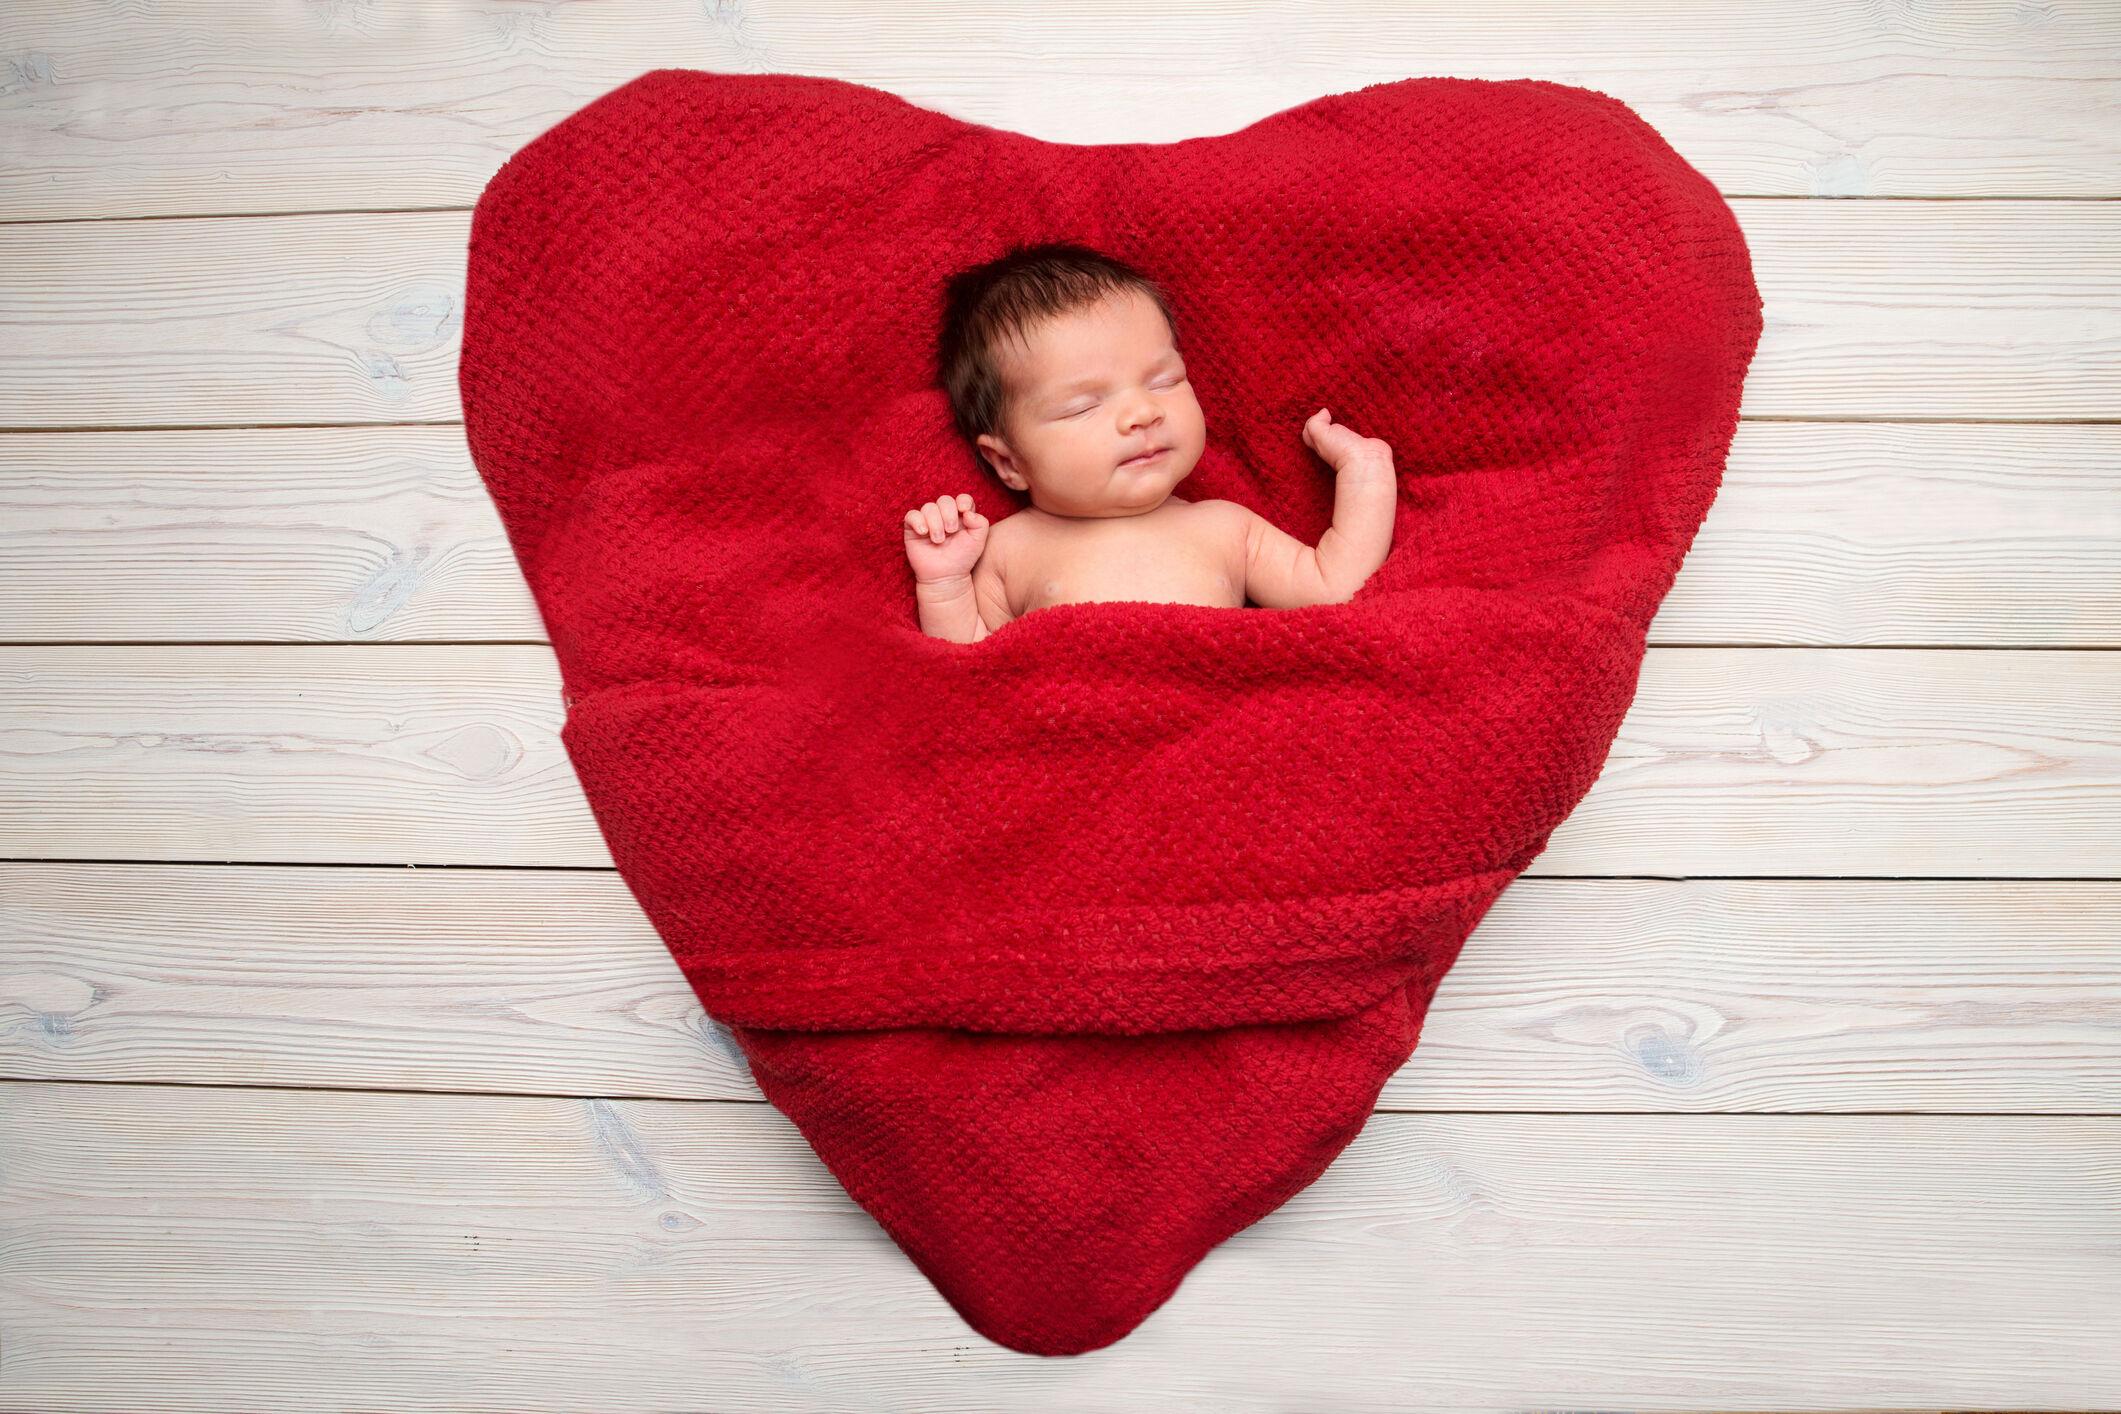 Cardiopatia congênita: tudo sobre sintomas, diagnóstico e tratamento